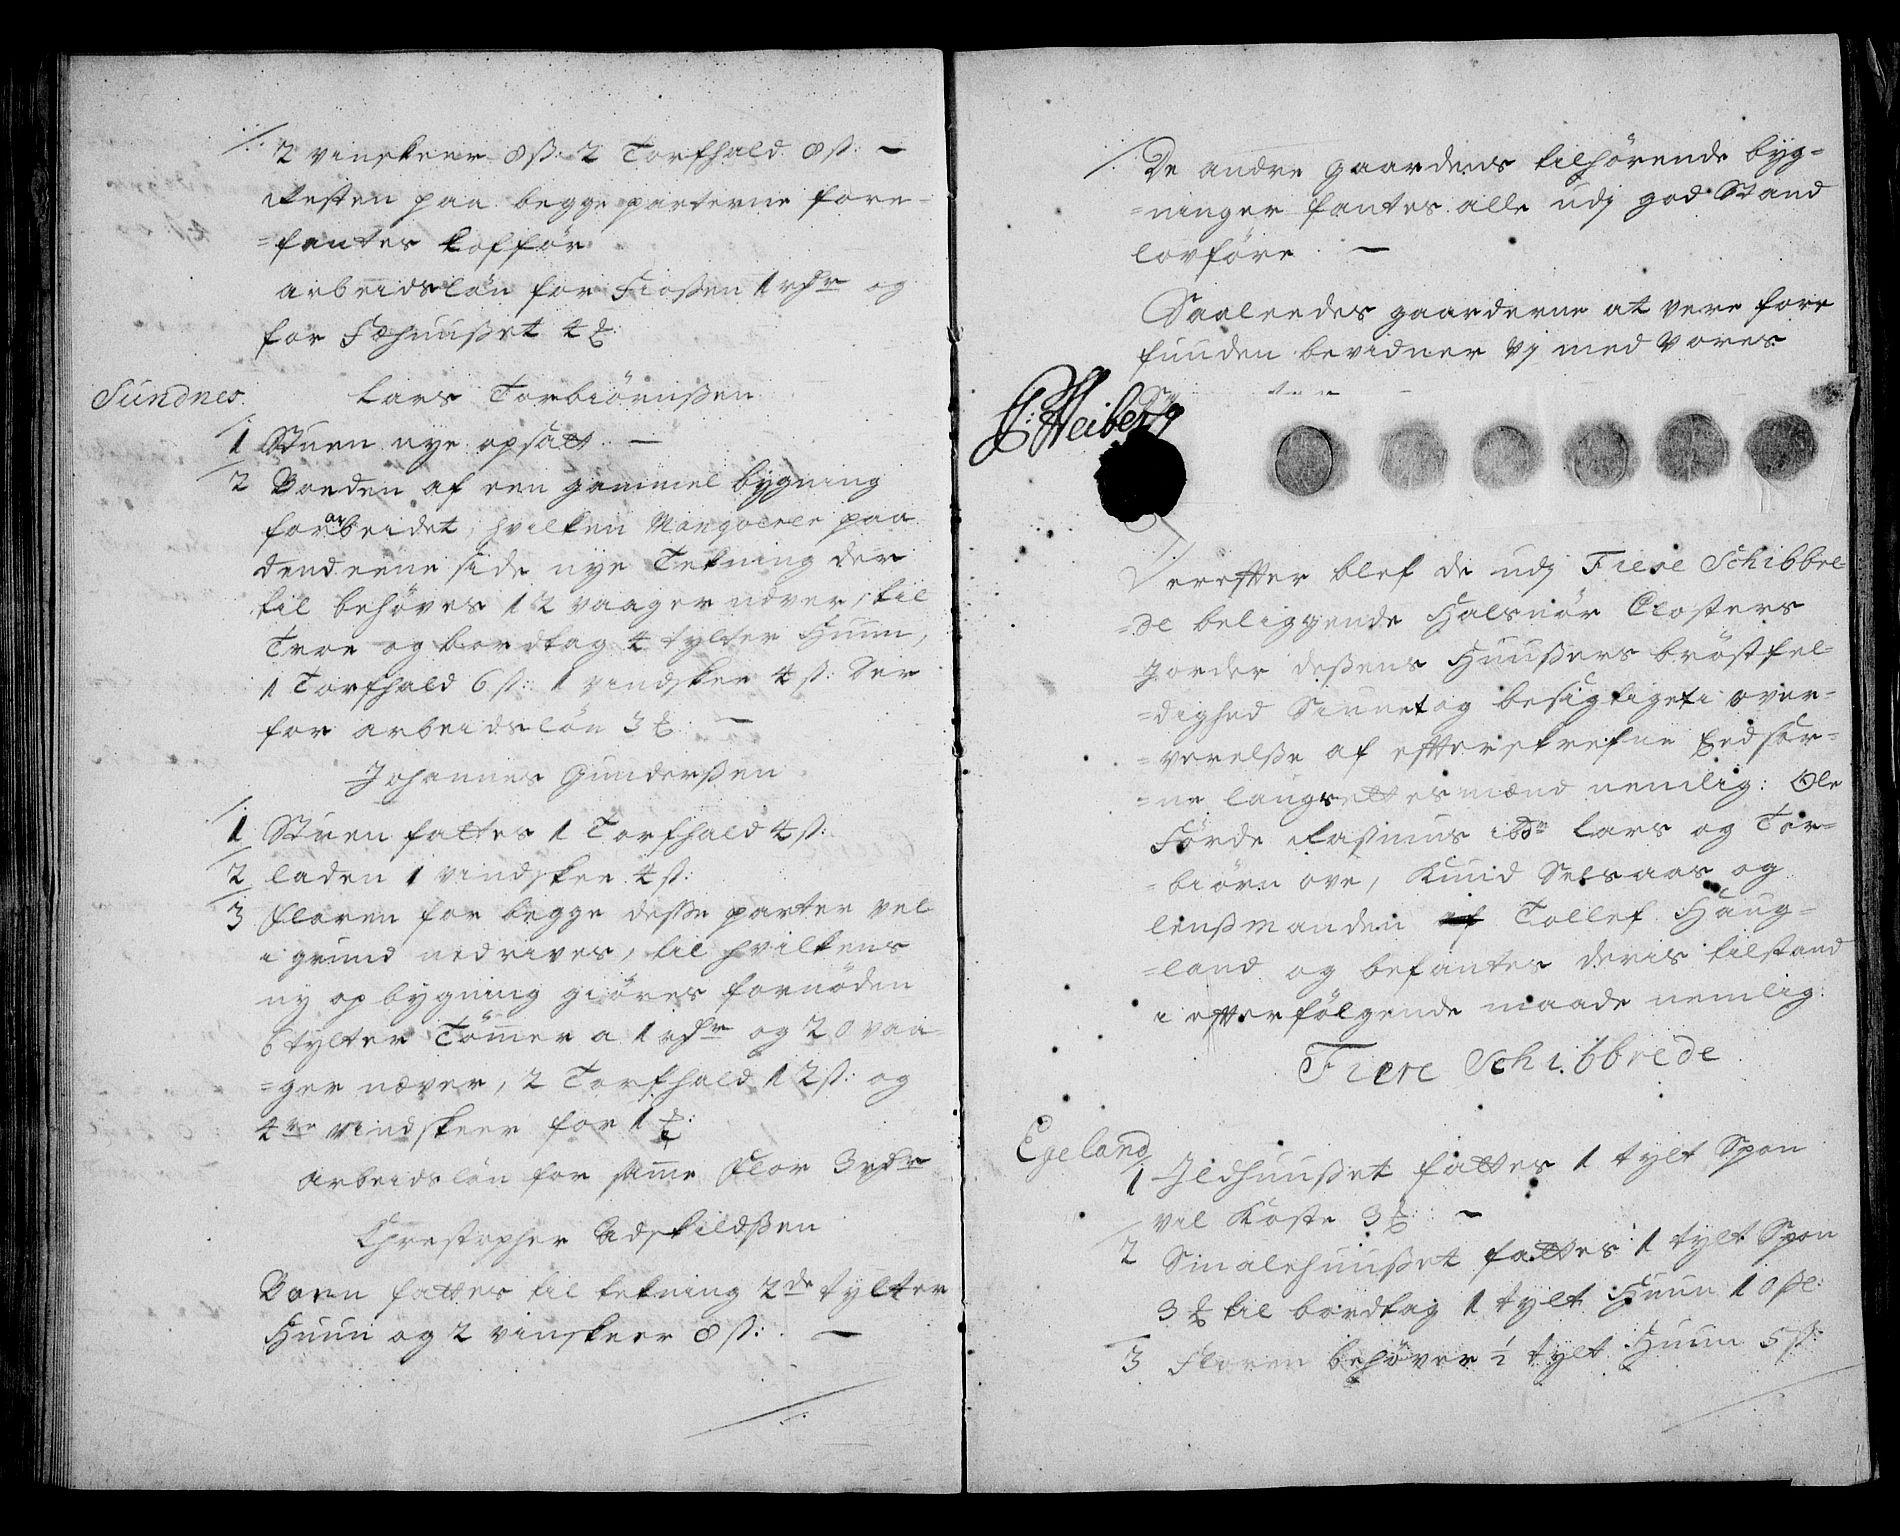 RA, Rentekammeret inntil 1814, Realistisk ordnet avdeling, On/L0003: [Jj 4]: Kommisjonsforretning over Vilhelm Hanssøns forpaktning av Halsnøy klosters gods, 1721-1729, s. 34